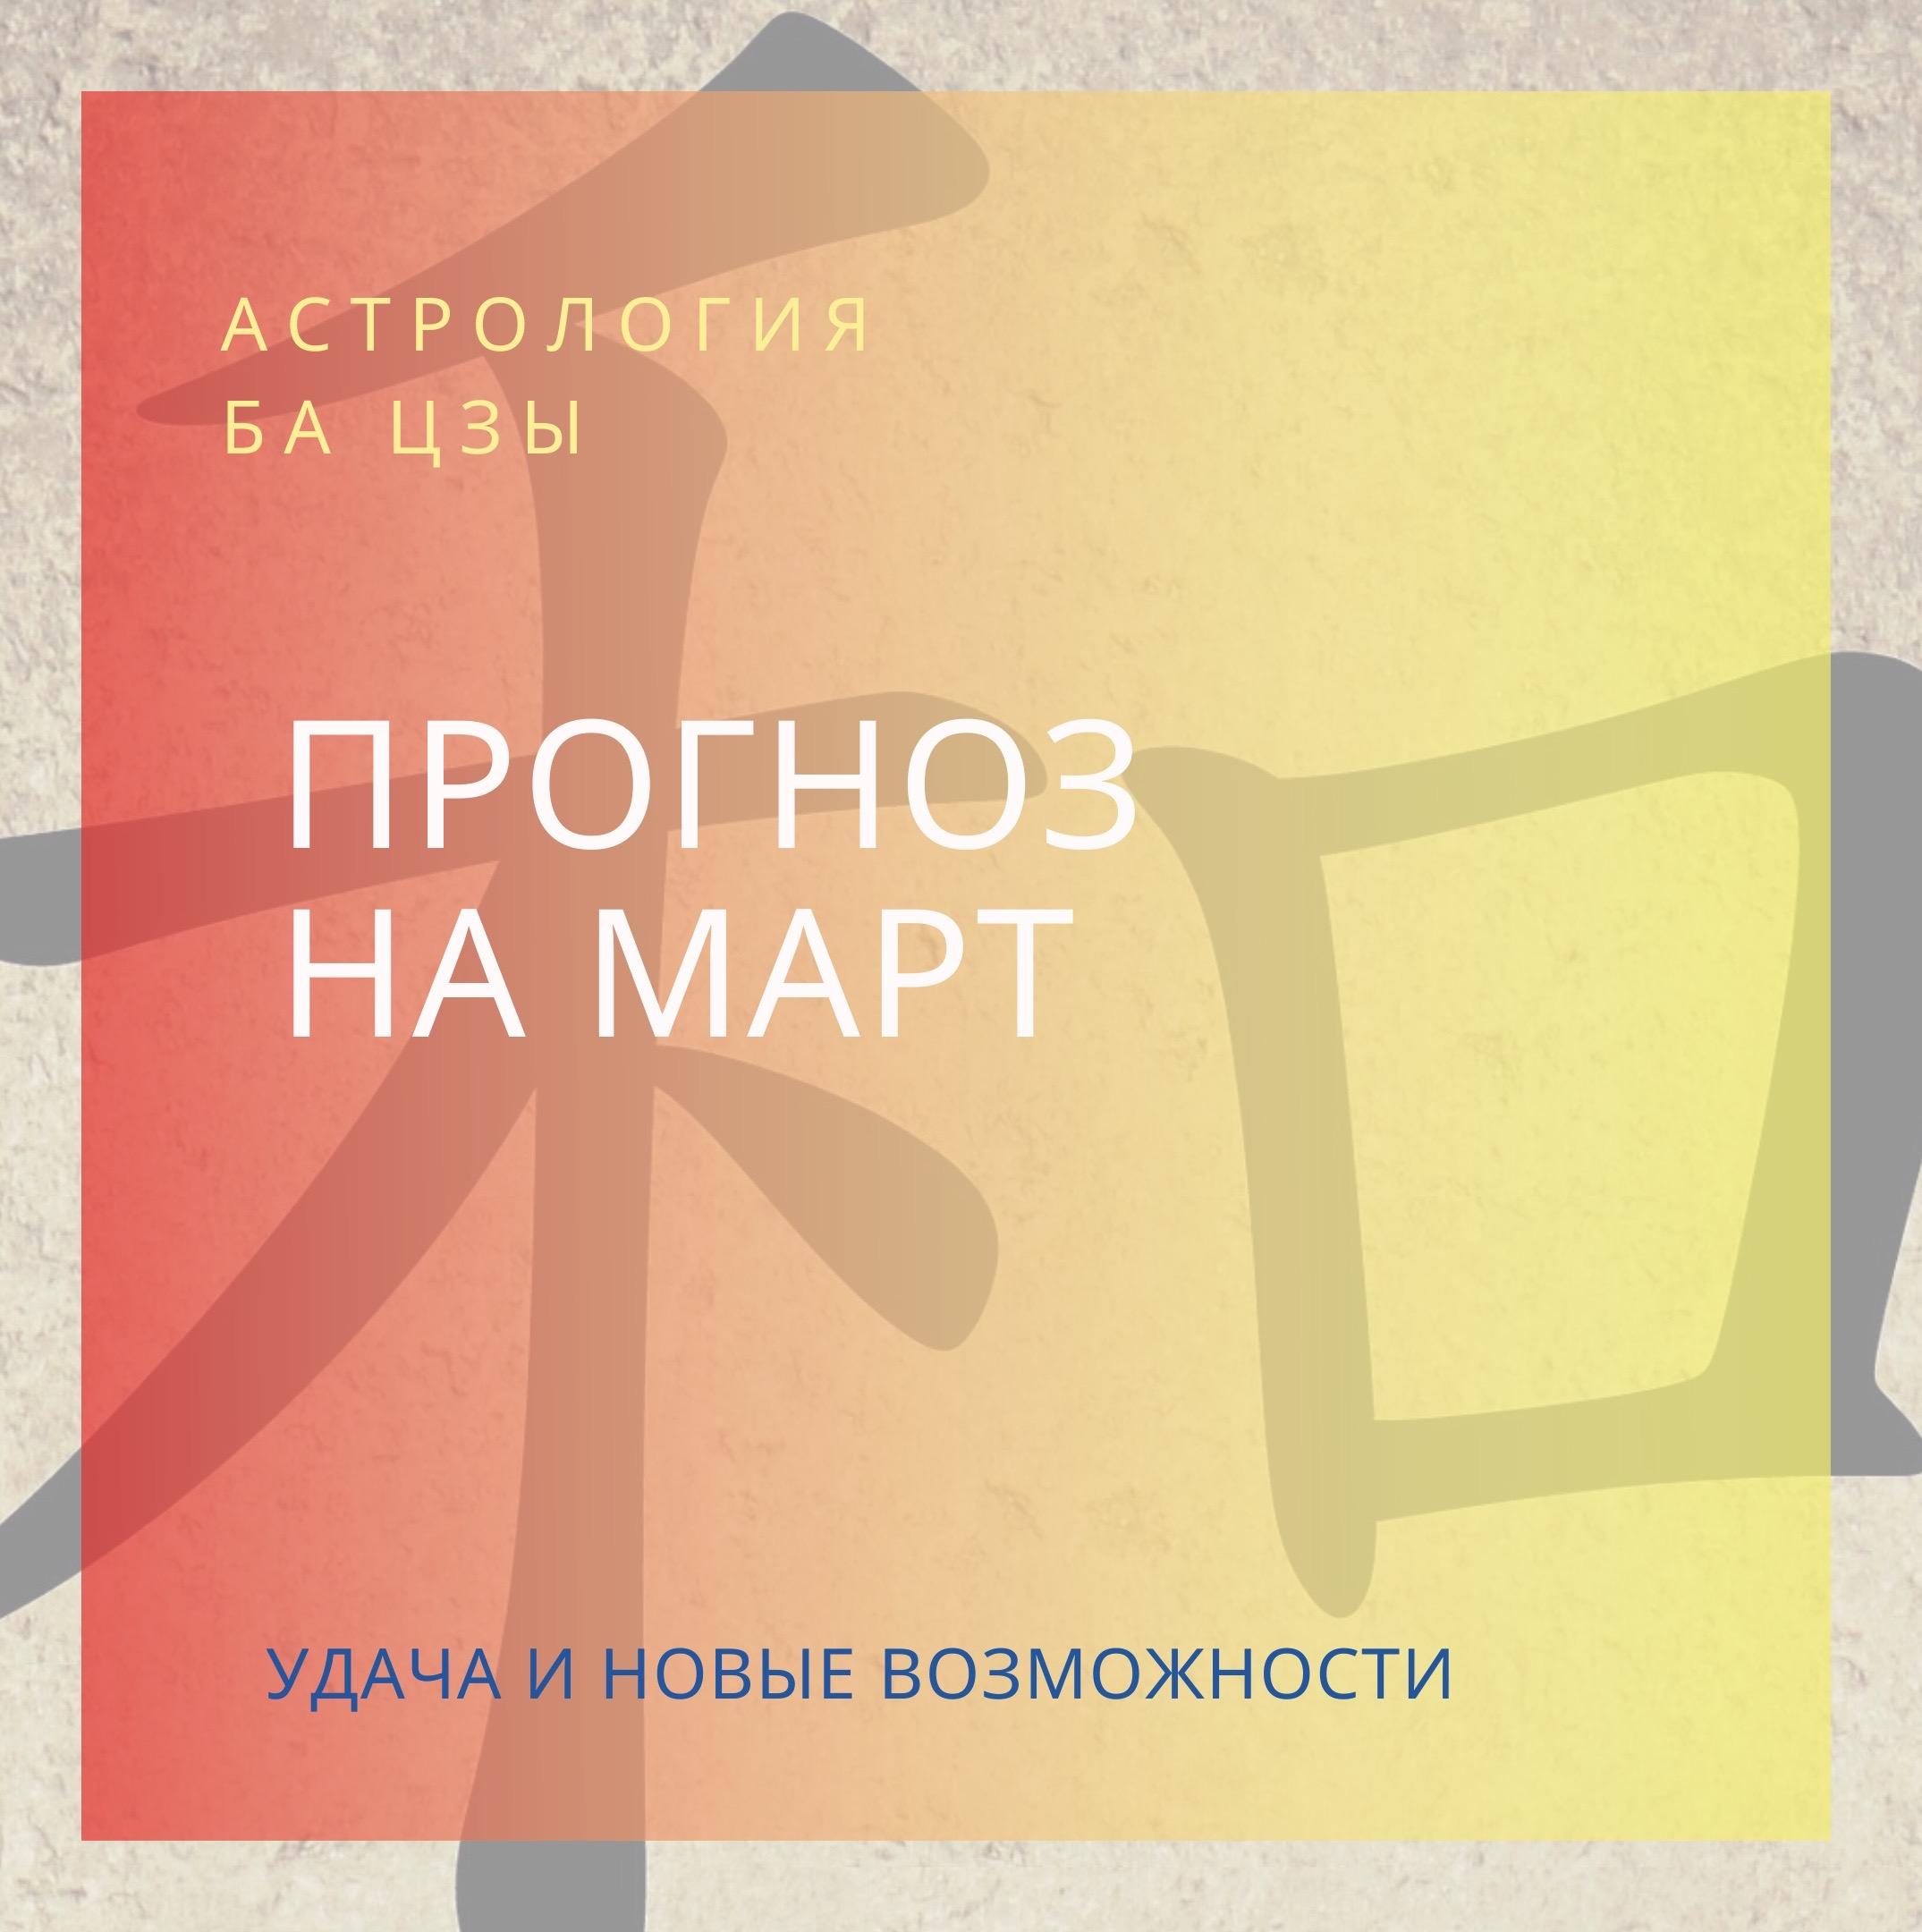 Прогноз на март 2020 - Fengshuimaster.Ru